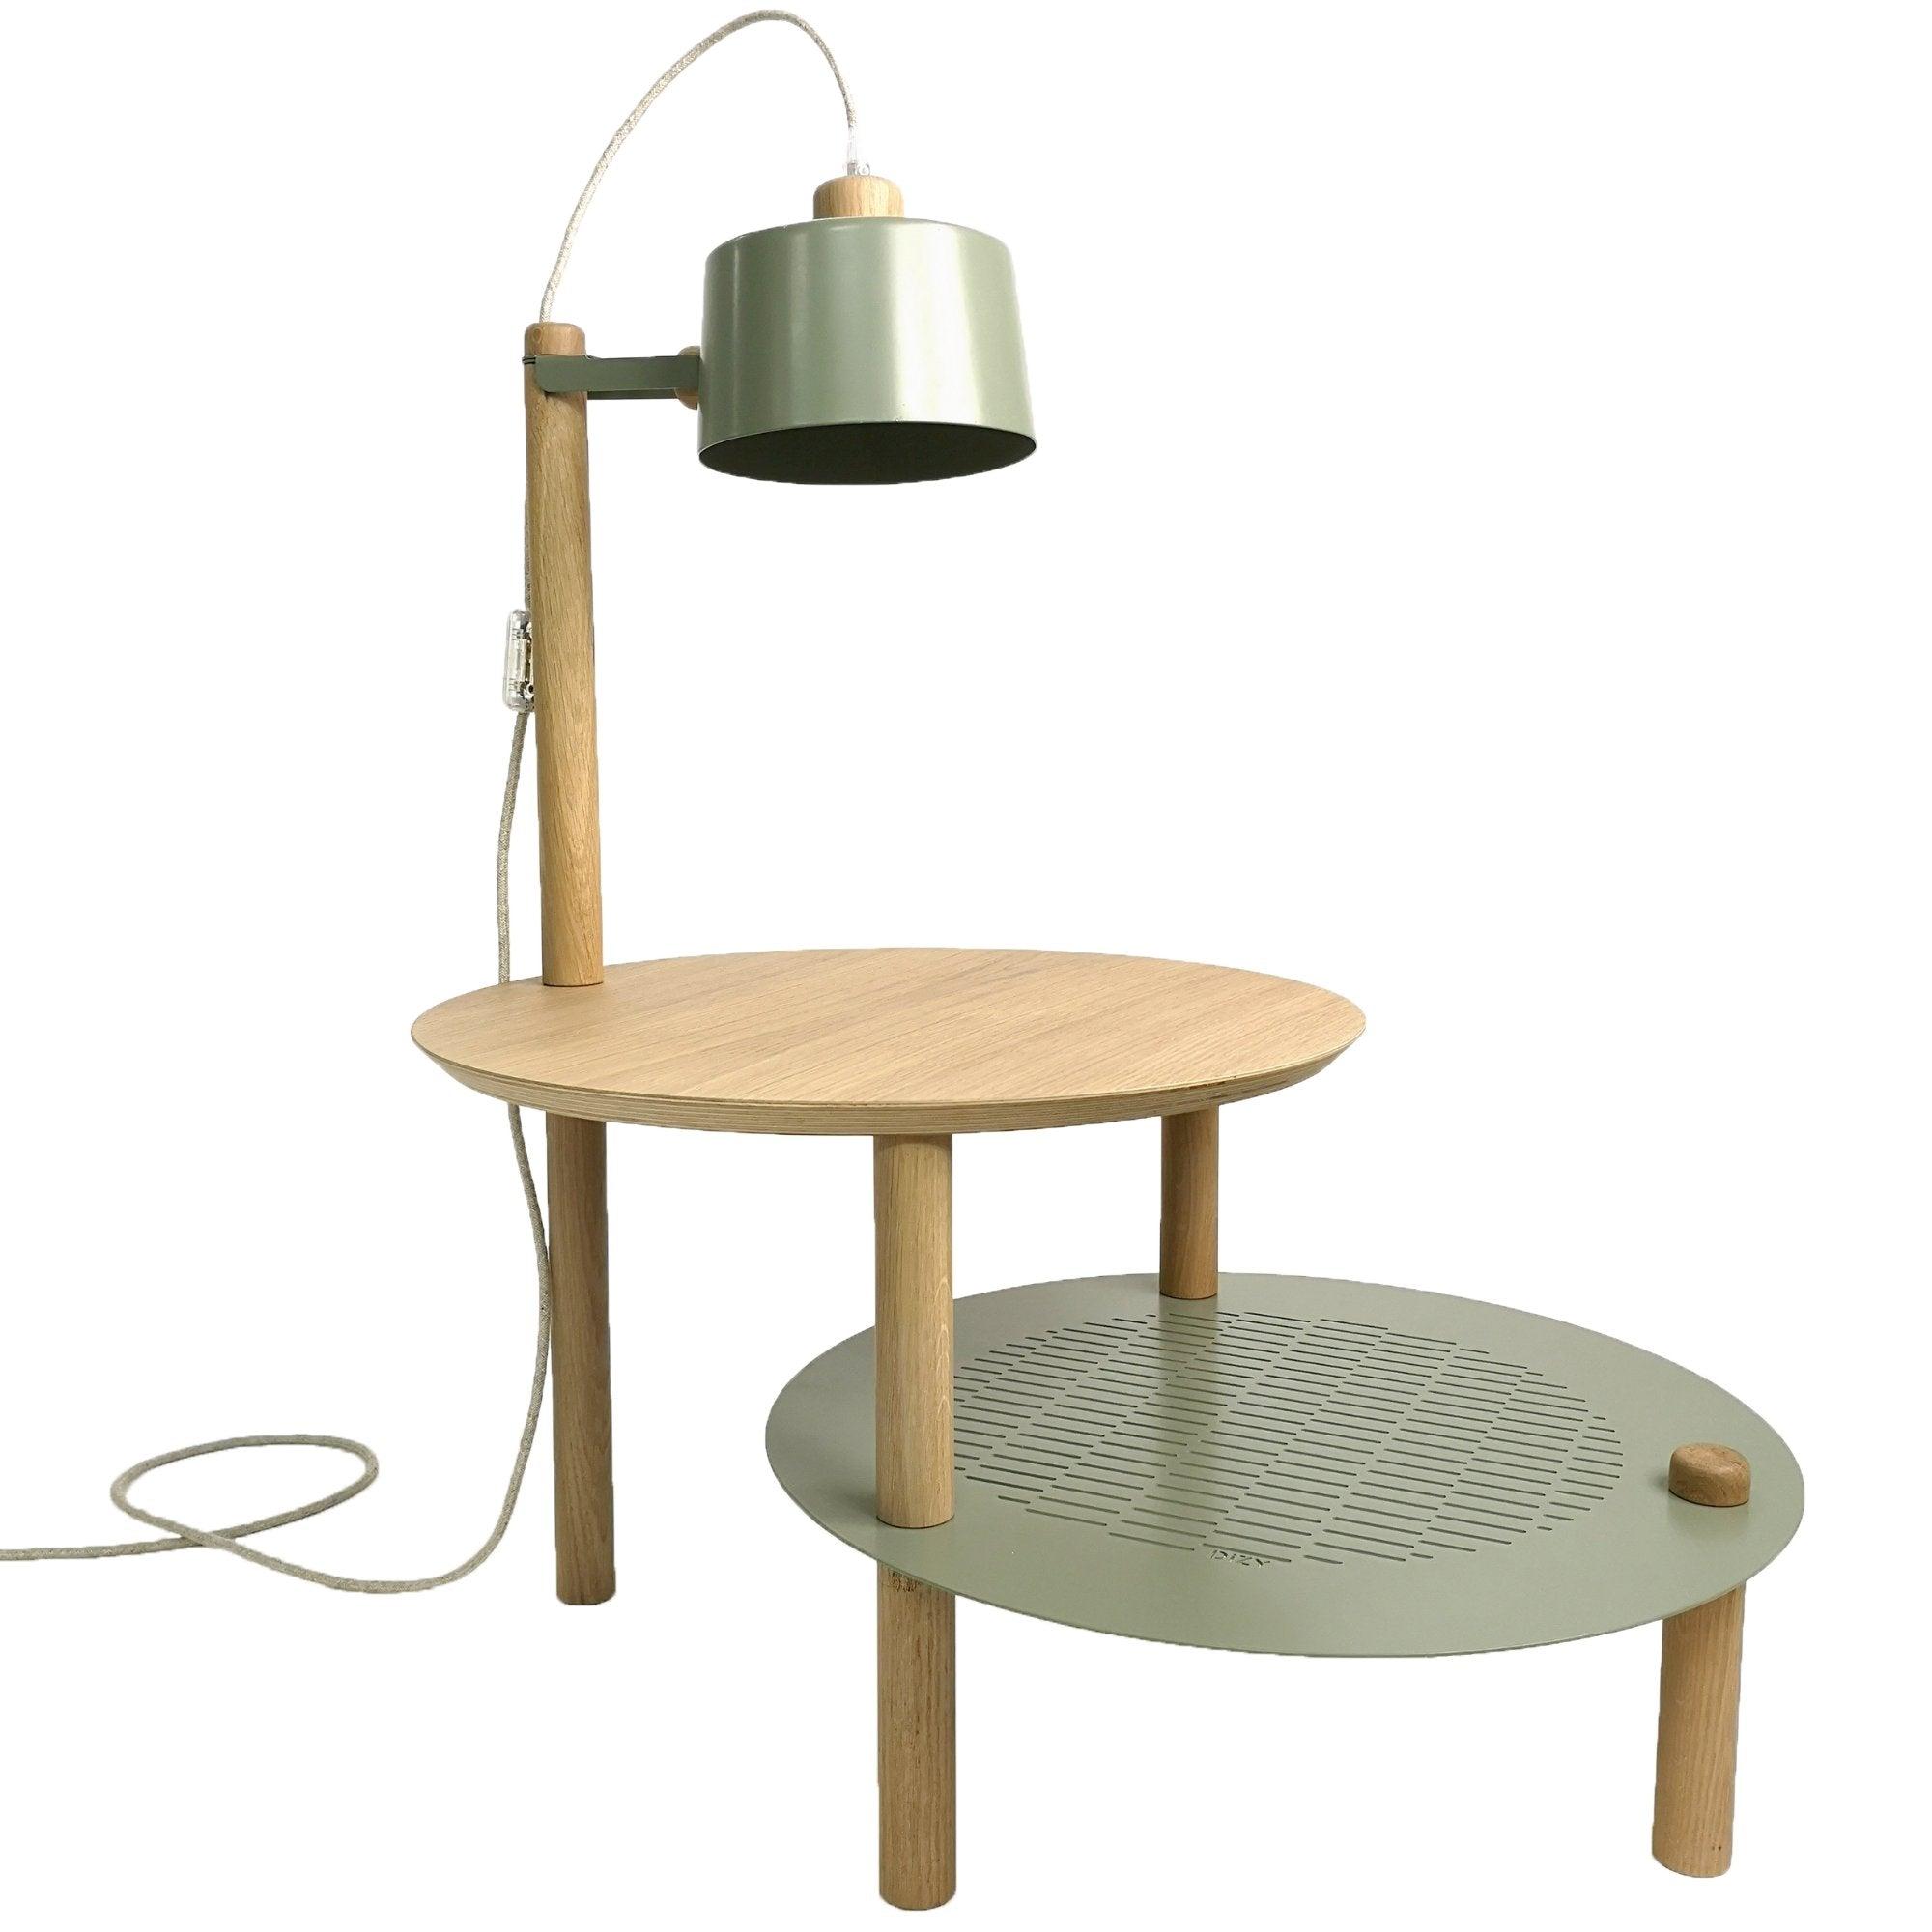 DIZY design Table d'appoint avec plateaux décalés, lampe en chne & métal vert